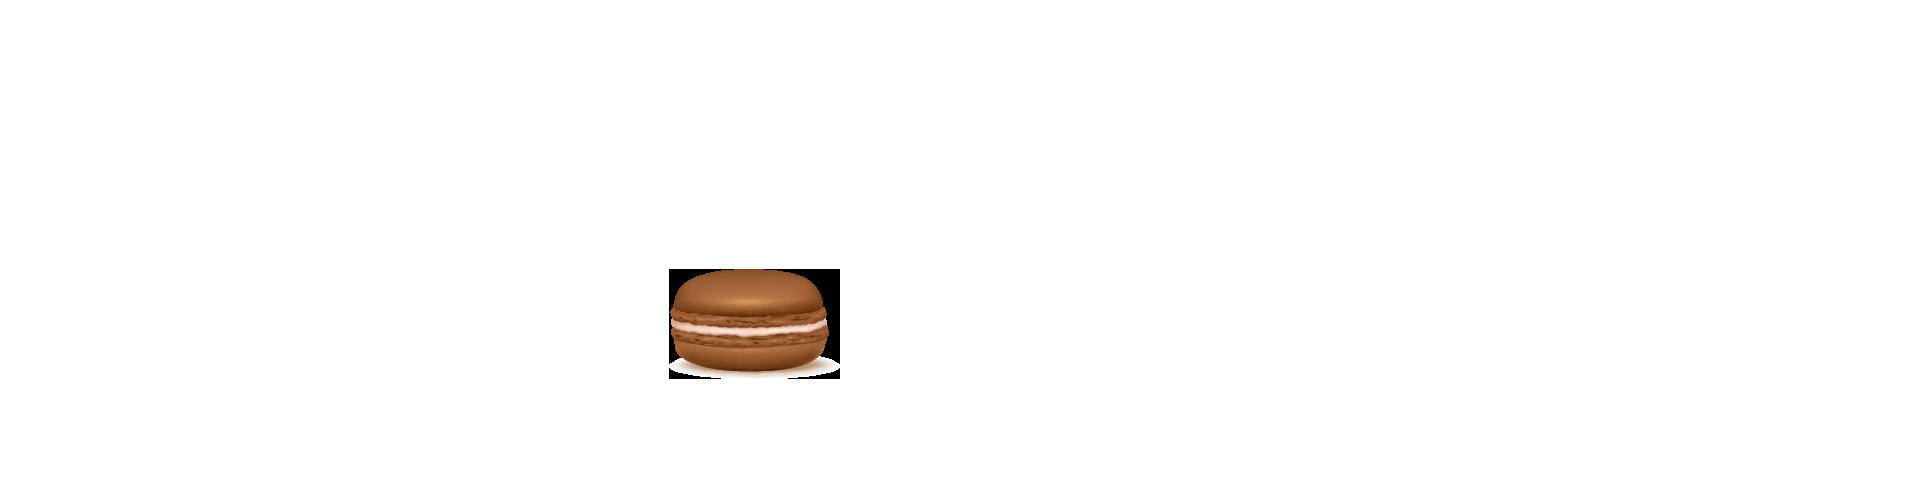 makronen-flavour_6.png